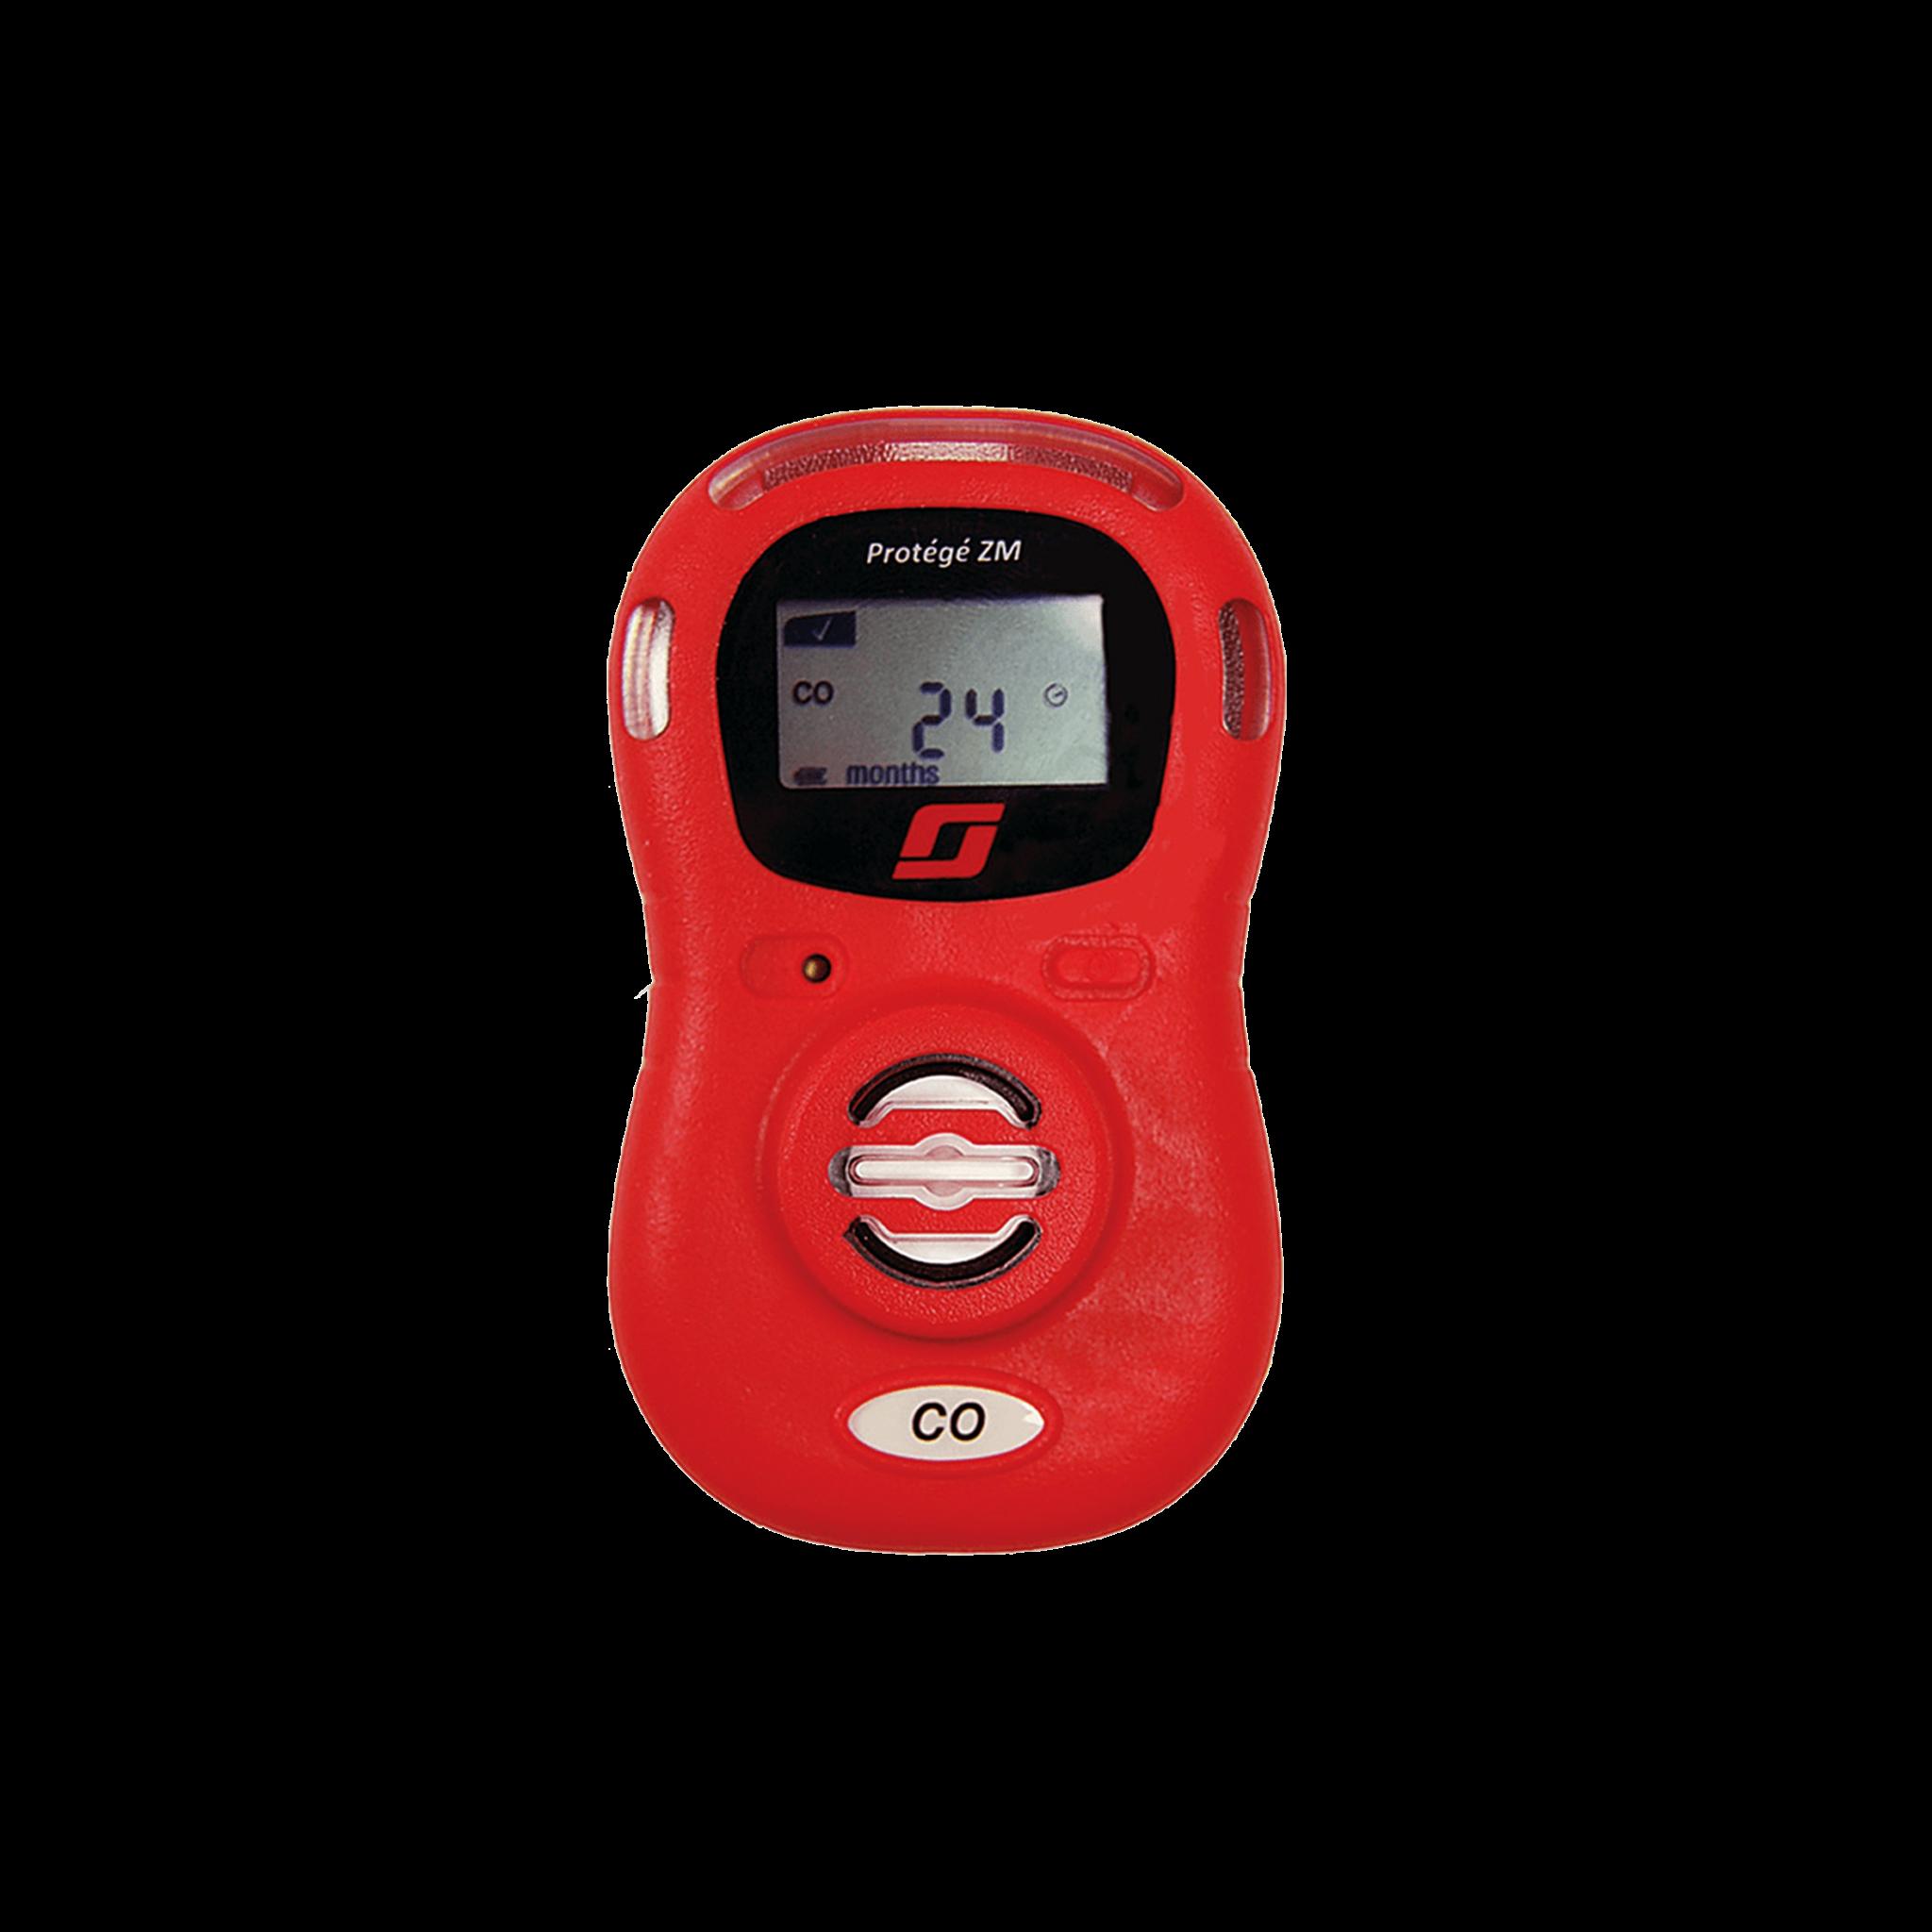 //Final Protégé SG reusable single gas monitor